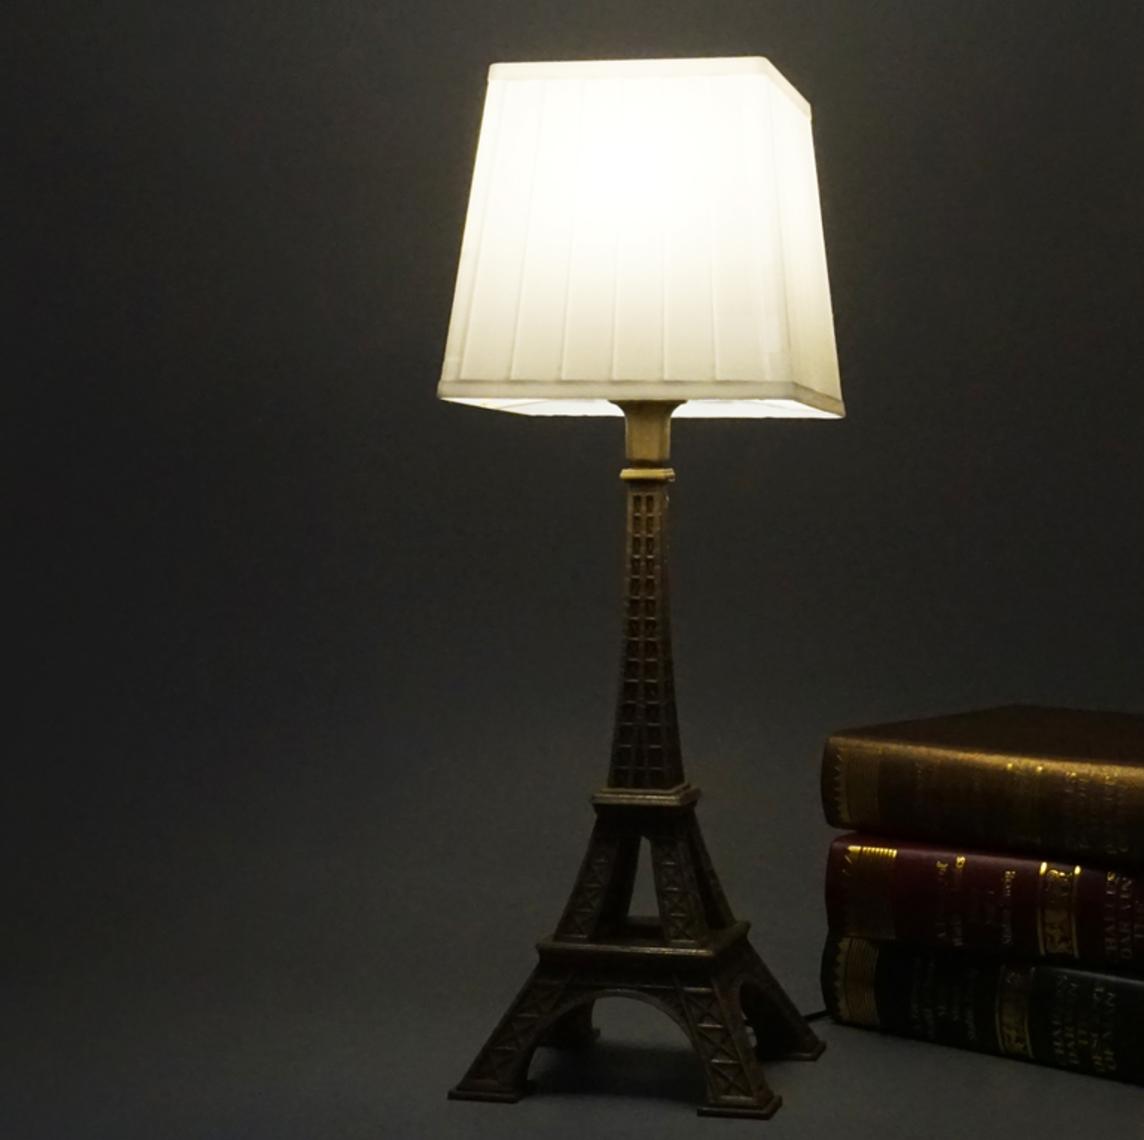 Capture d'écran 2017-05-15 à 10.23.50.png Download free STL file Eiffel tower lamp • 3D printable object, Toolmoon